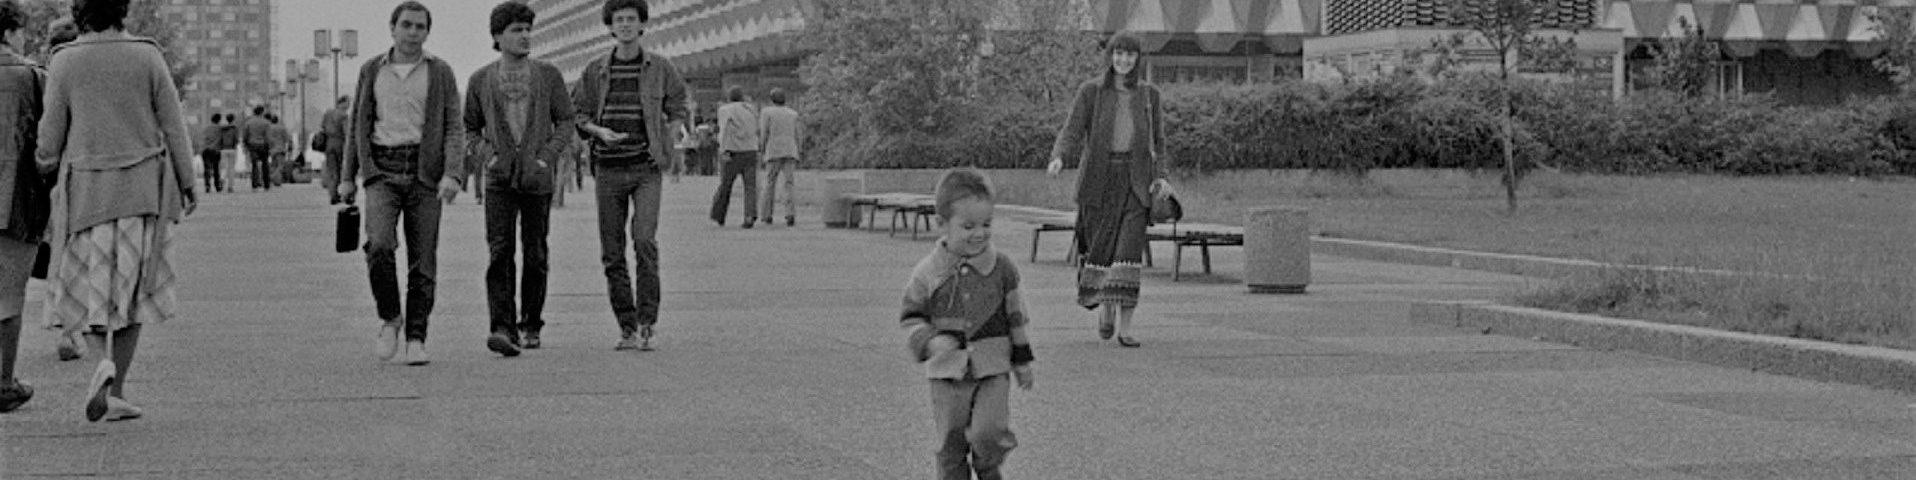 Warum Dresden. Fotografien 1984/85 und 2015